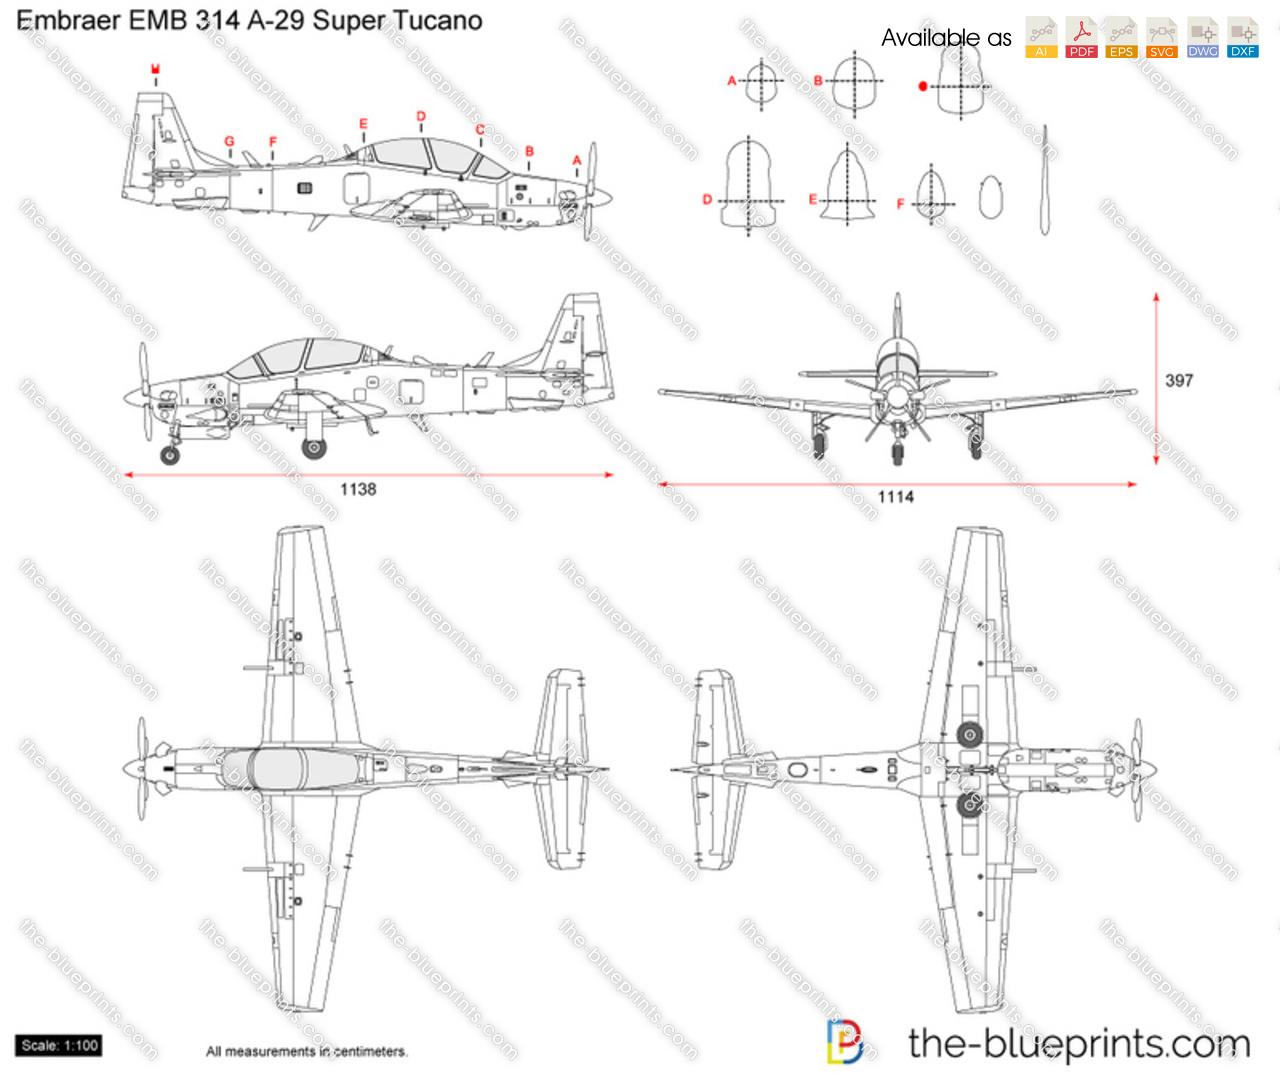 Embraer EMB 314 A-29 Super Tucano